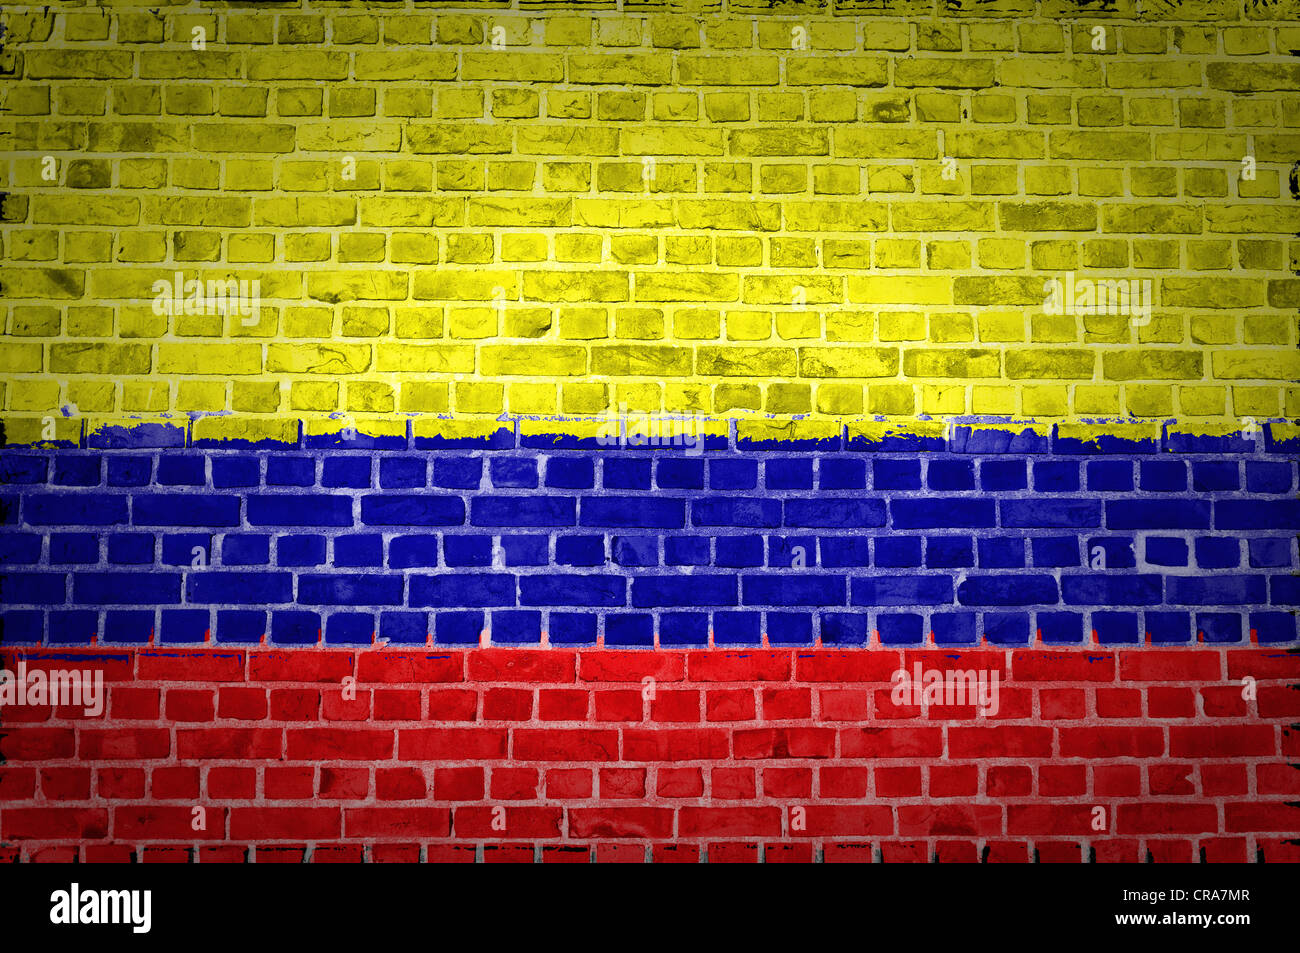 Una imagen de la bandera colombiana pintada sobre una pared de ladrillos en una ubicación urbana Imagen De Stock